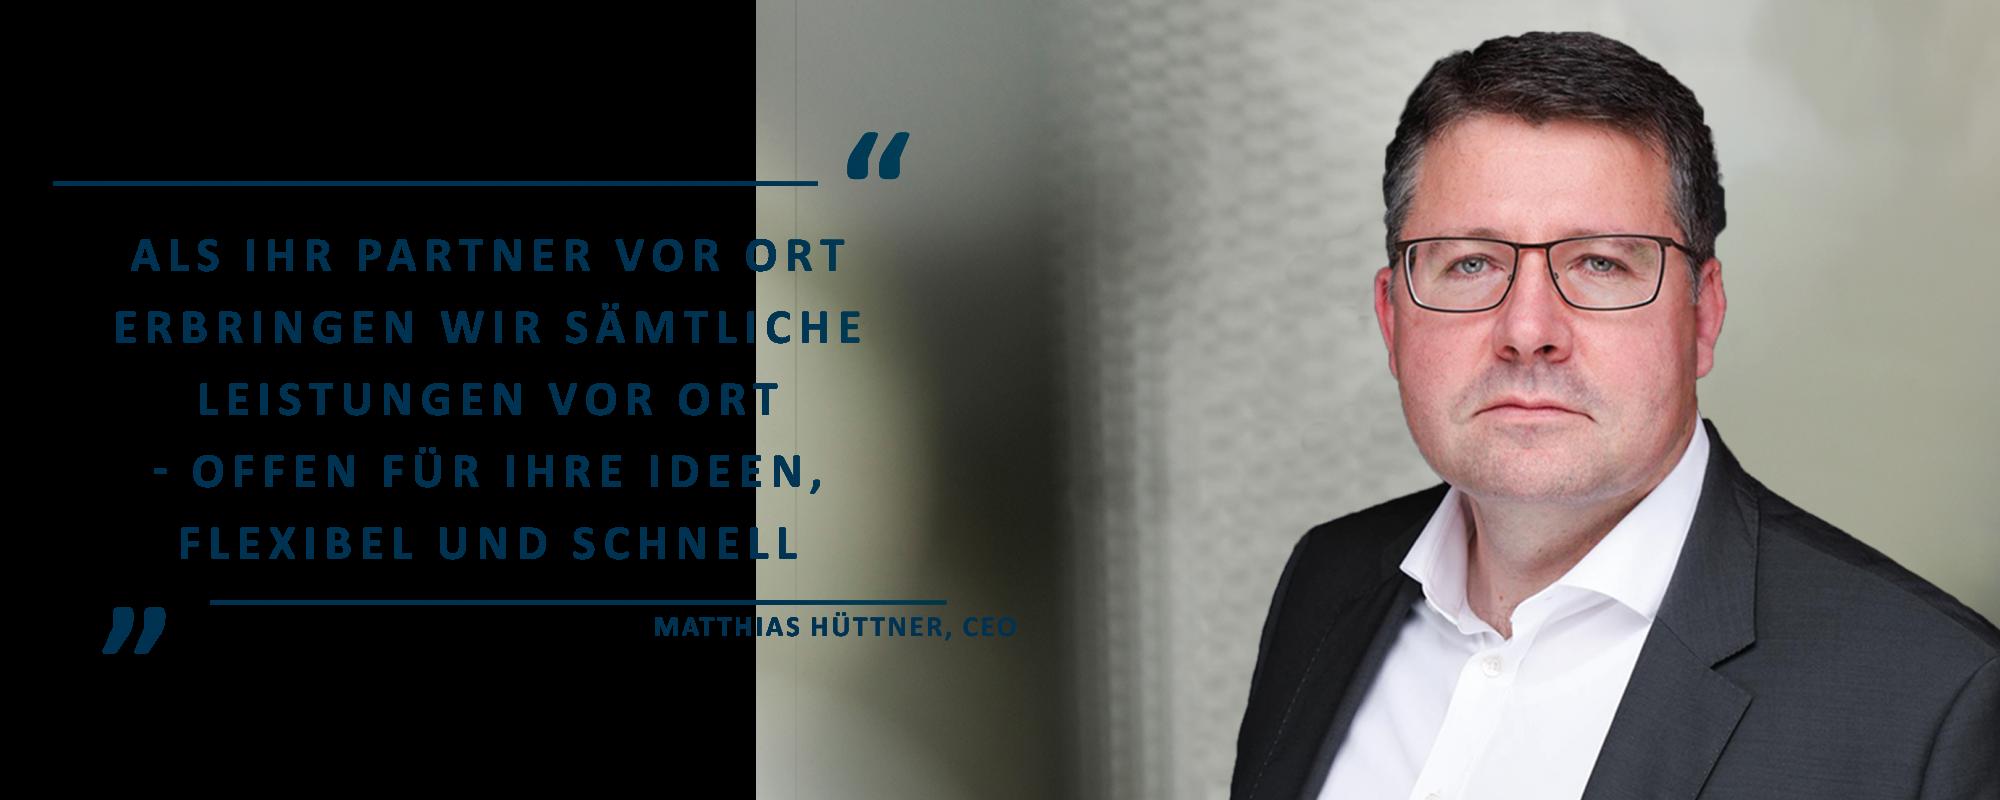 Zitat von Matthias Hüttner, CEO SPIRIT/21 IT Services GmbH: